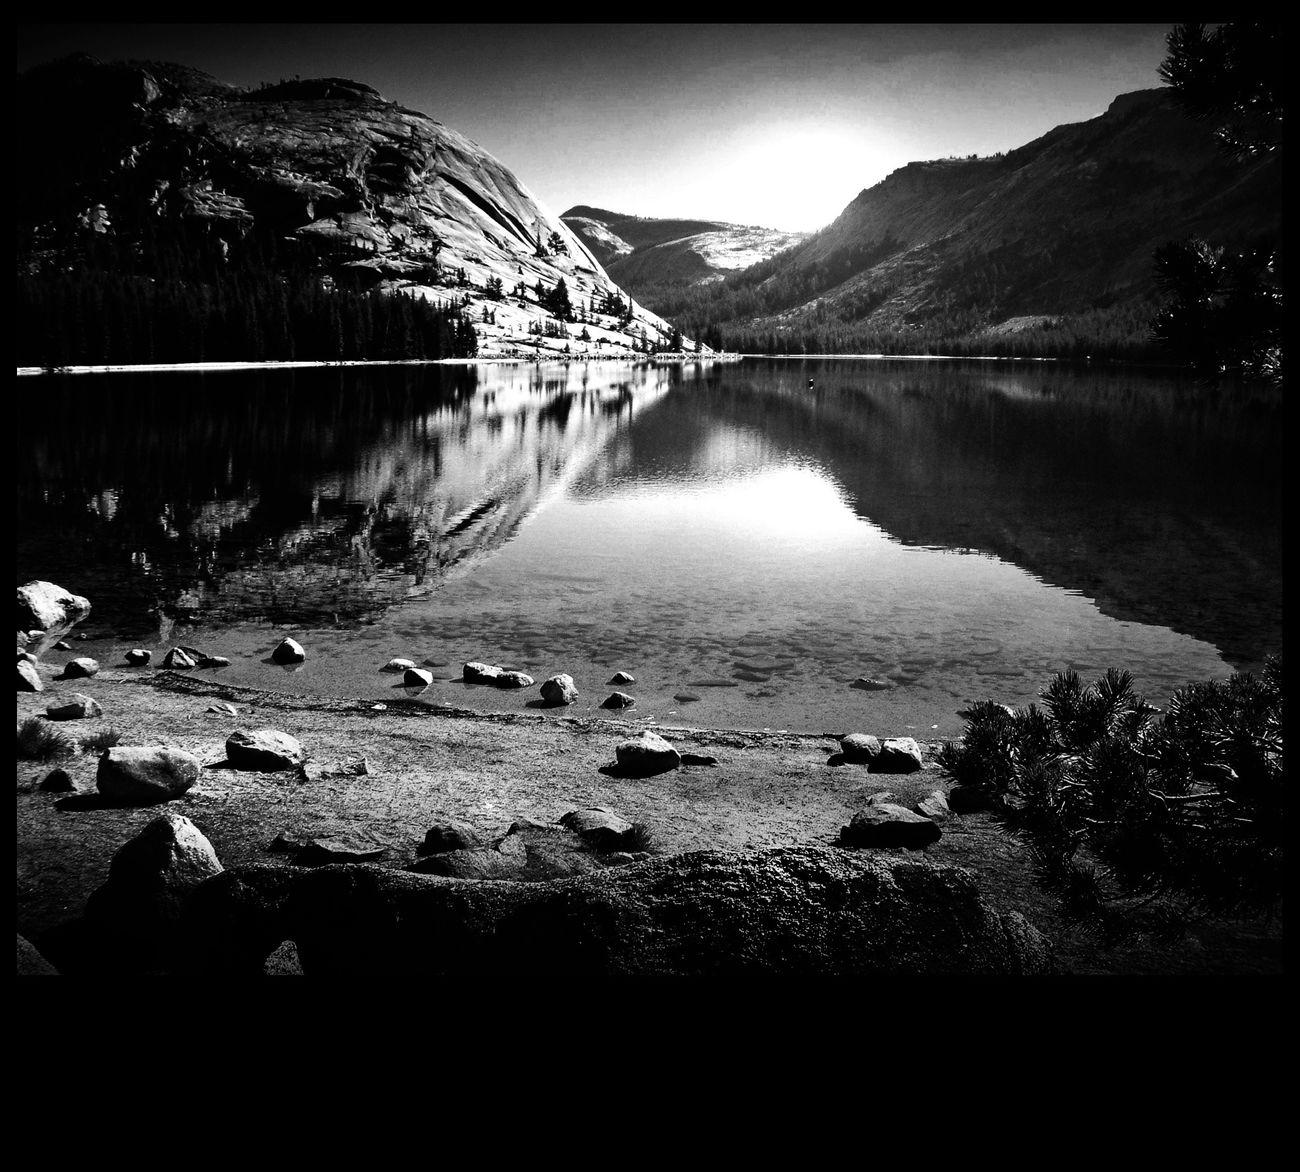 Yosemitenationalpark Shootermag Eye4photography  Monochrome Blackandwhite Landscape Eyeforphotography